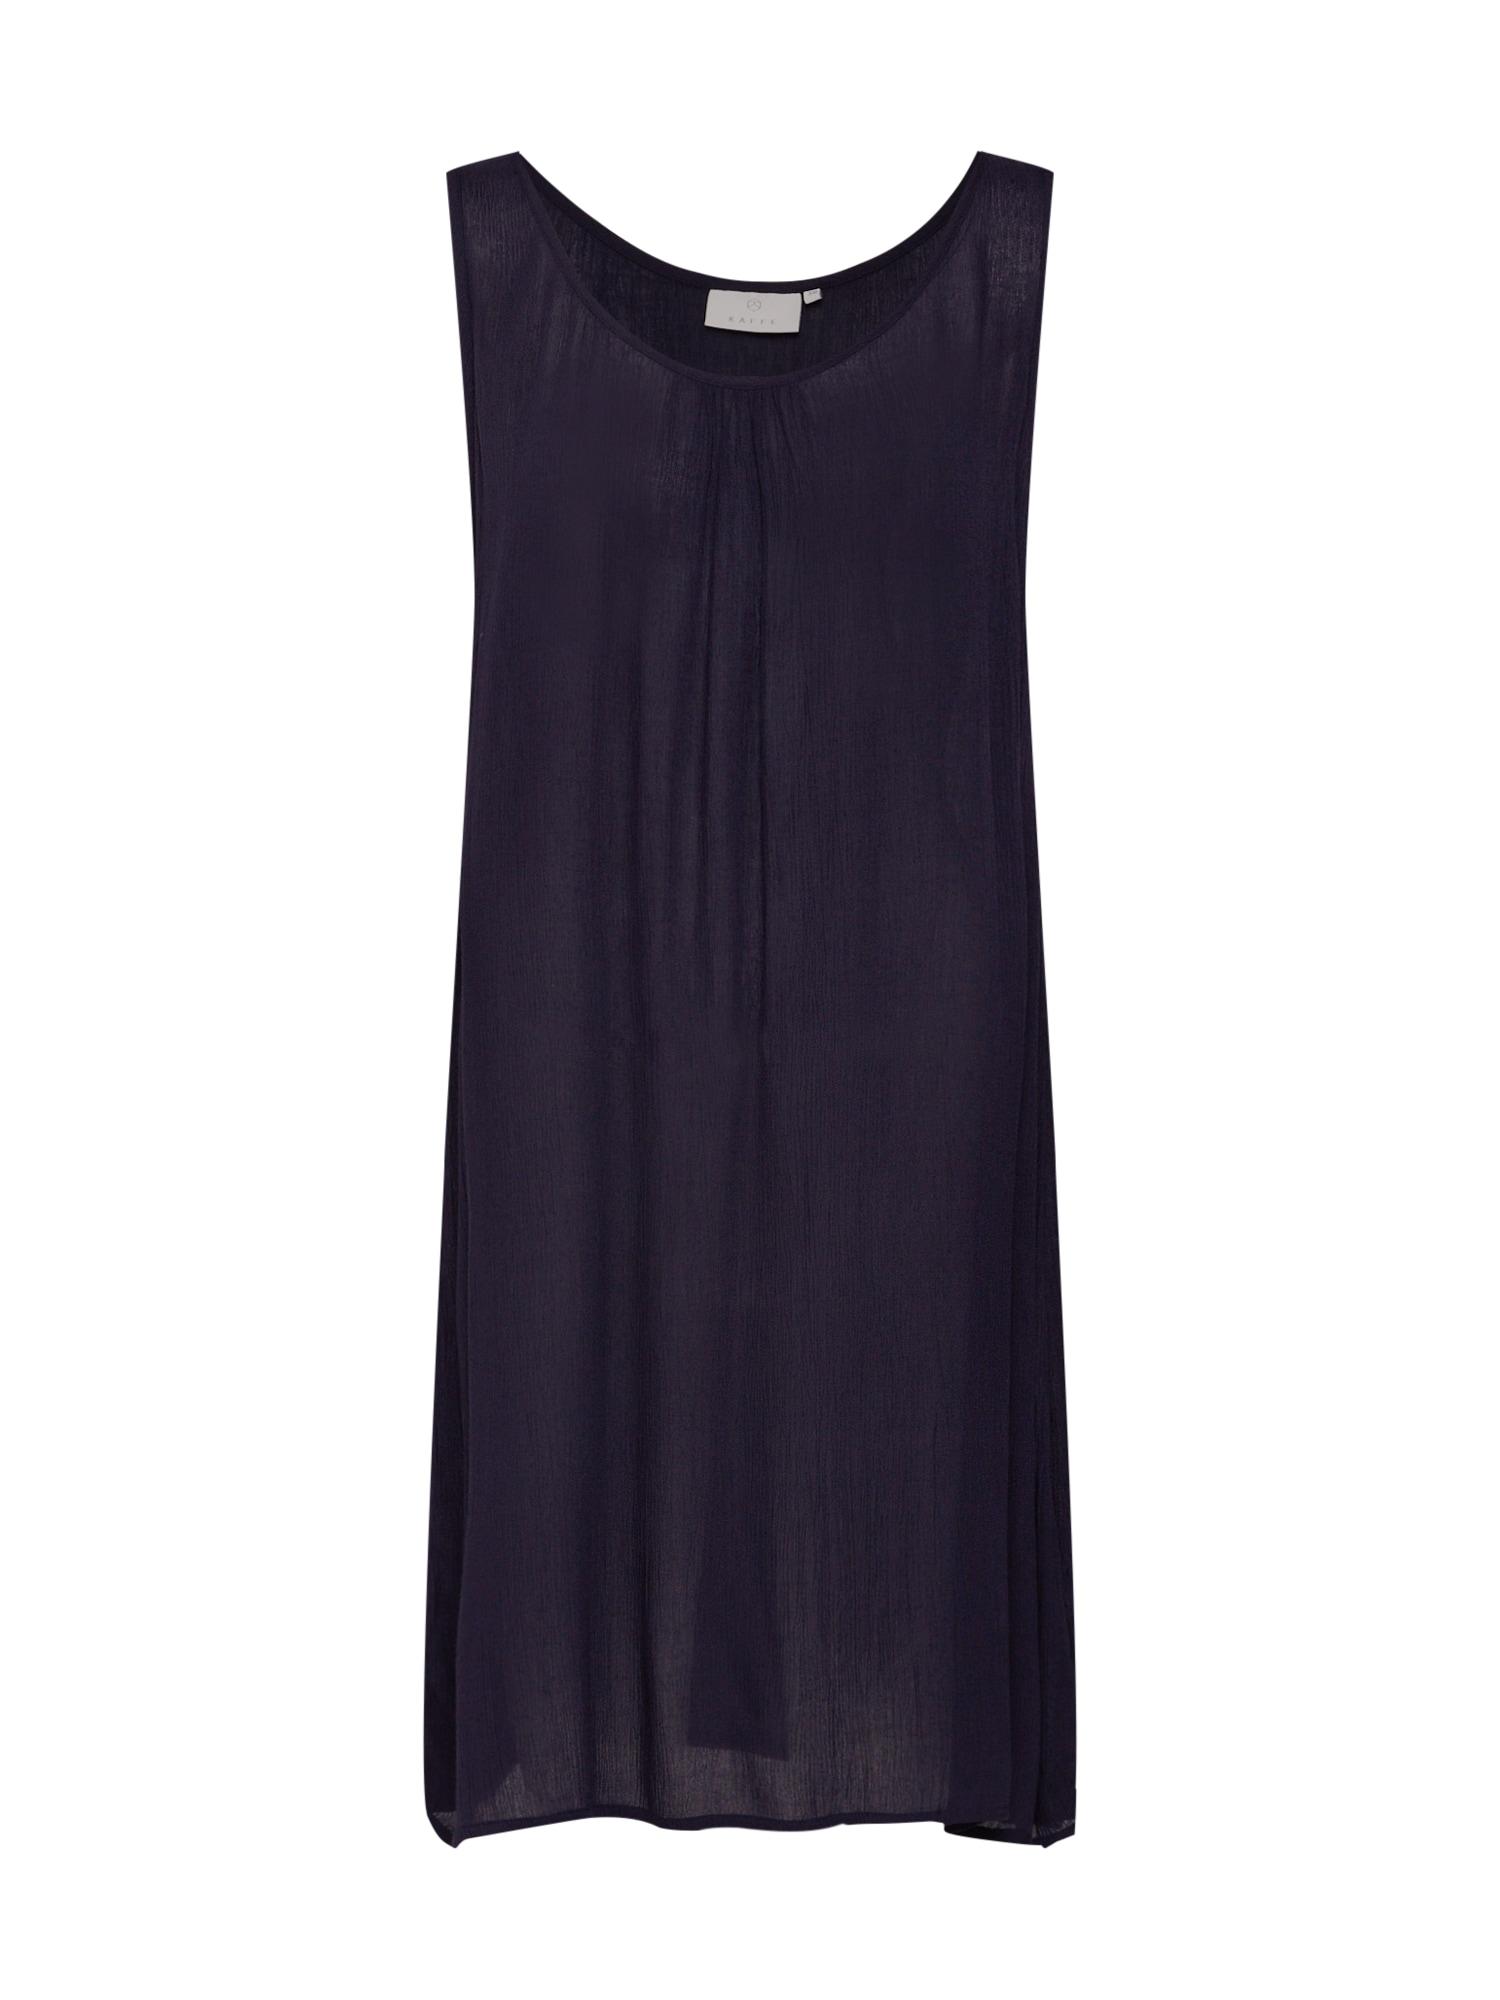 Letní šaty Elina Amber Dress tmavě modrá Kaffe